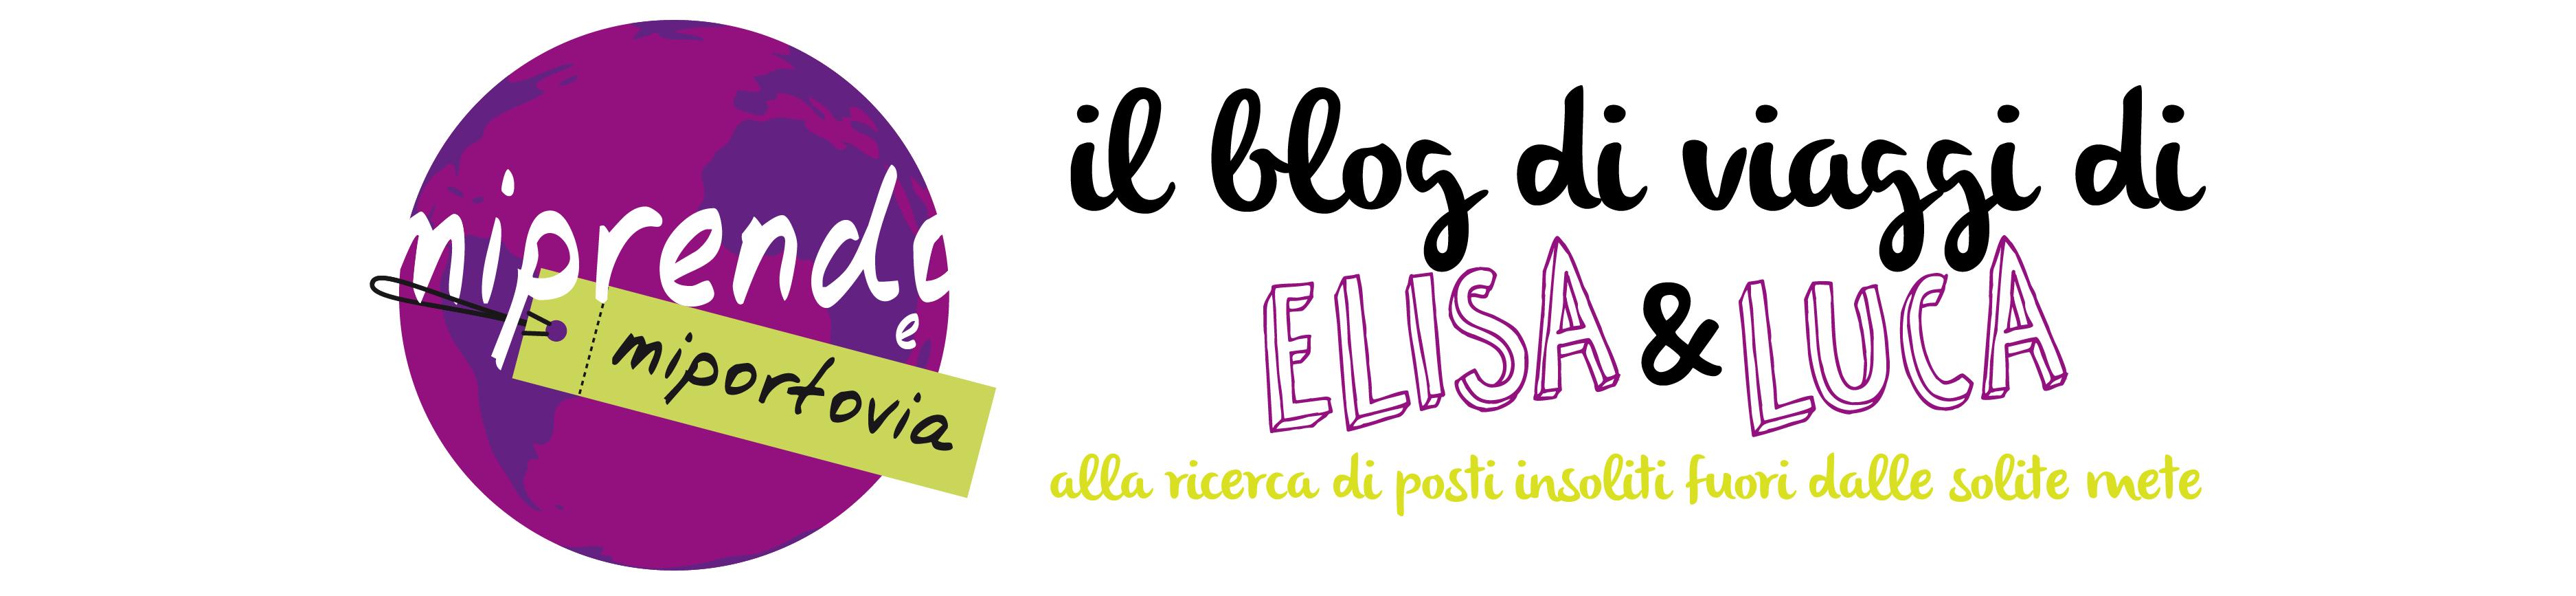 Miprendoemiportovia – Blog di viaggi. - Il blog di viaggi di Elisa e Luca. Consigli per chi è alla ricerca di luoghi insoliti, ispirazioni e consigli su viaggi di coppia e percorsi fuori dalle solite mete.